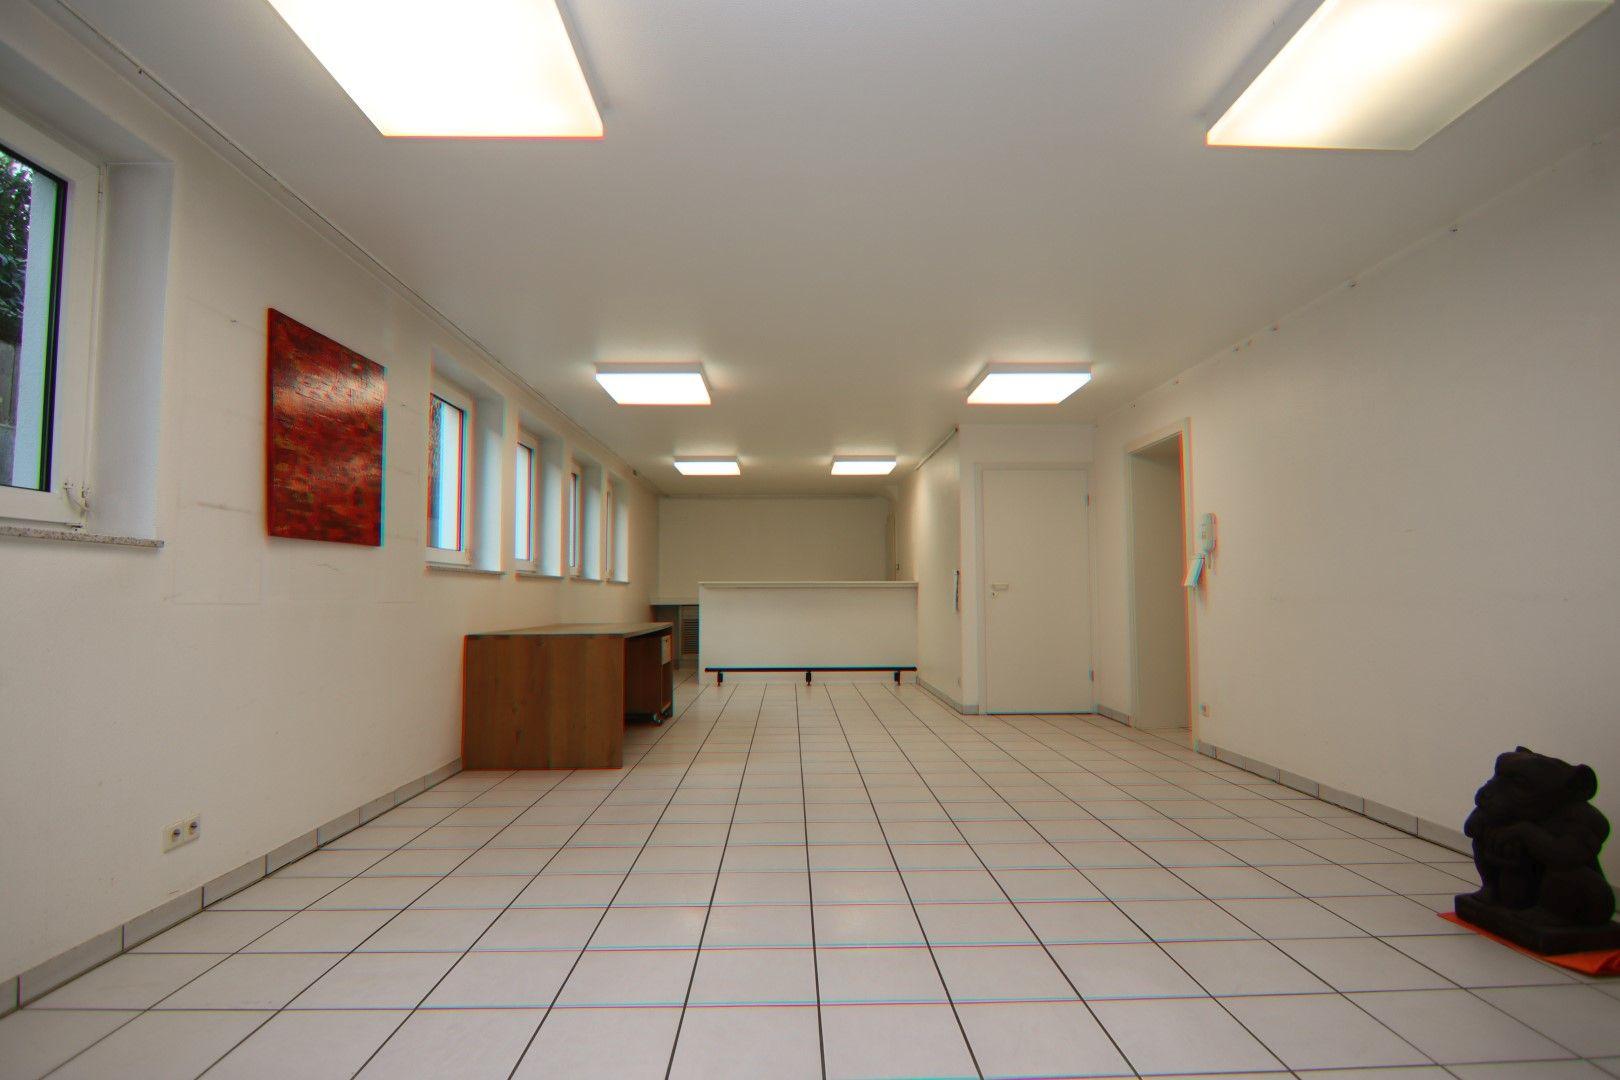 Immobilie Nr.0284 - 3 Räume, Küche, Badezimmer, Stellplatz - Bild 9.jpg